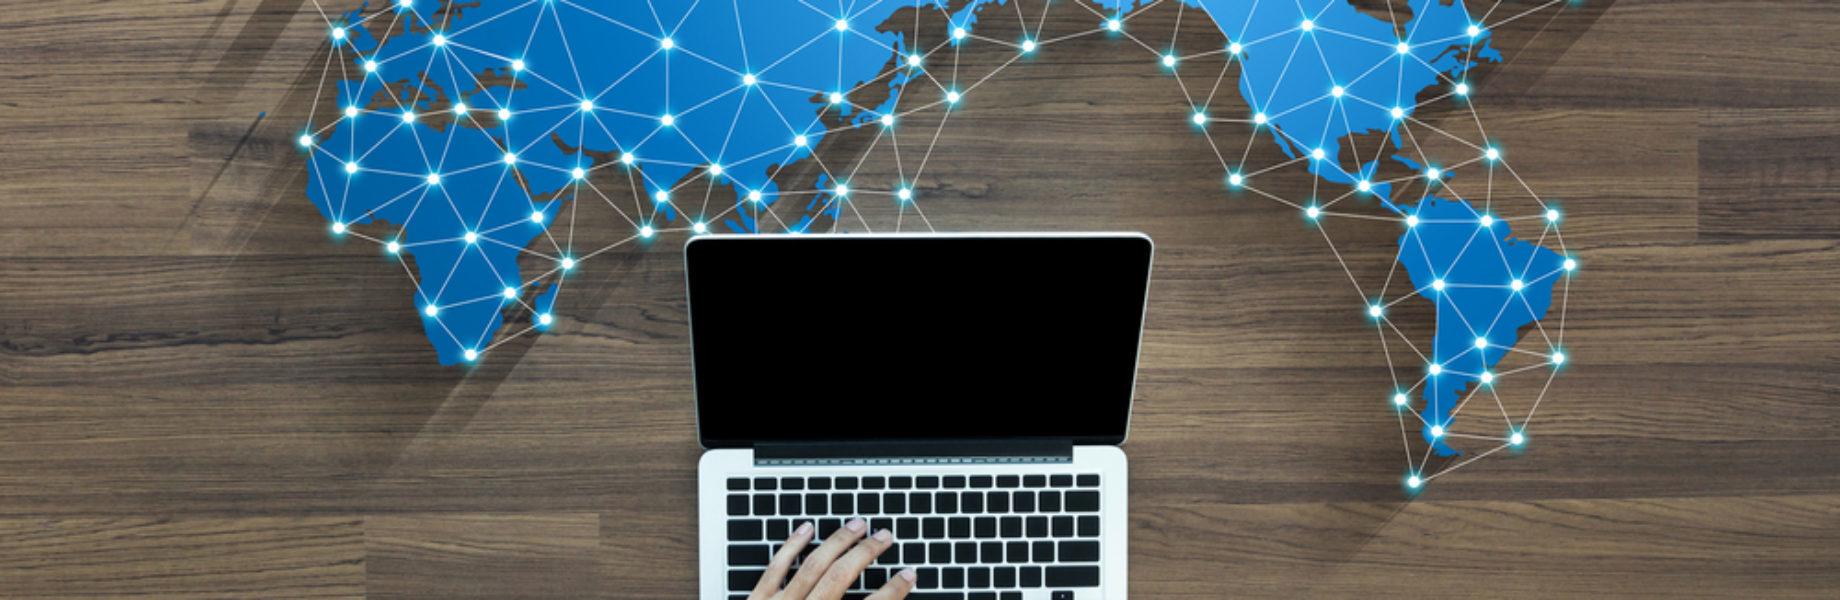 ¿Cómo dar a conocer mi software a nivel internacional de manera gratuita?